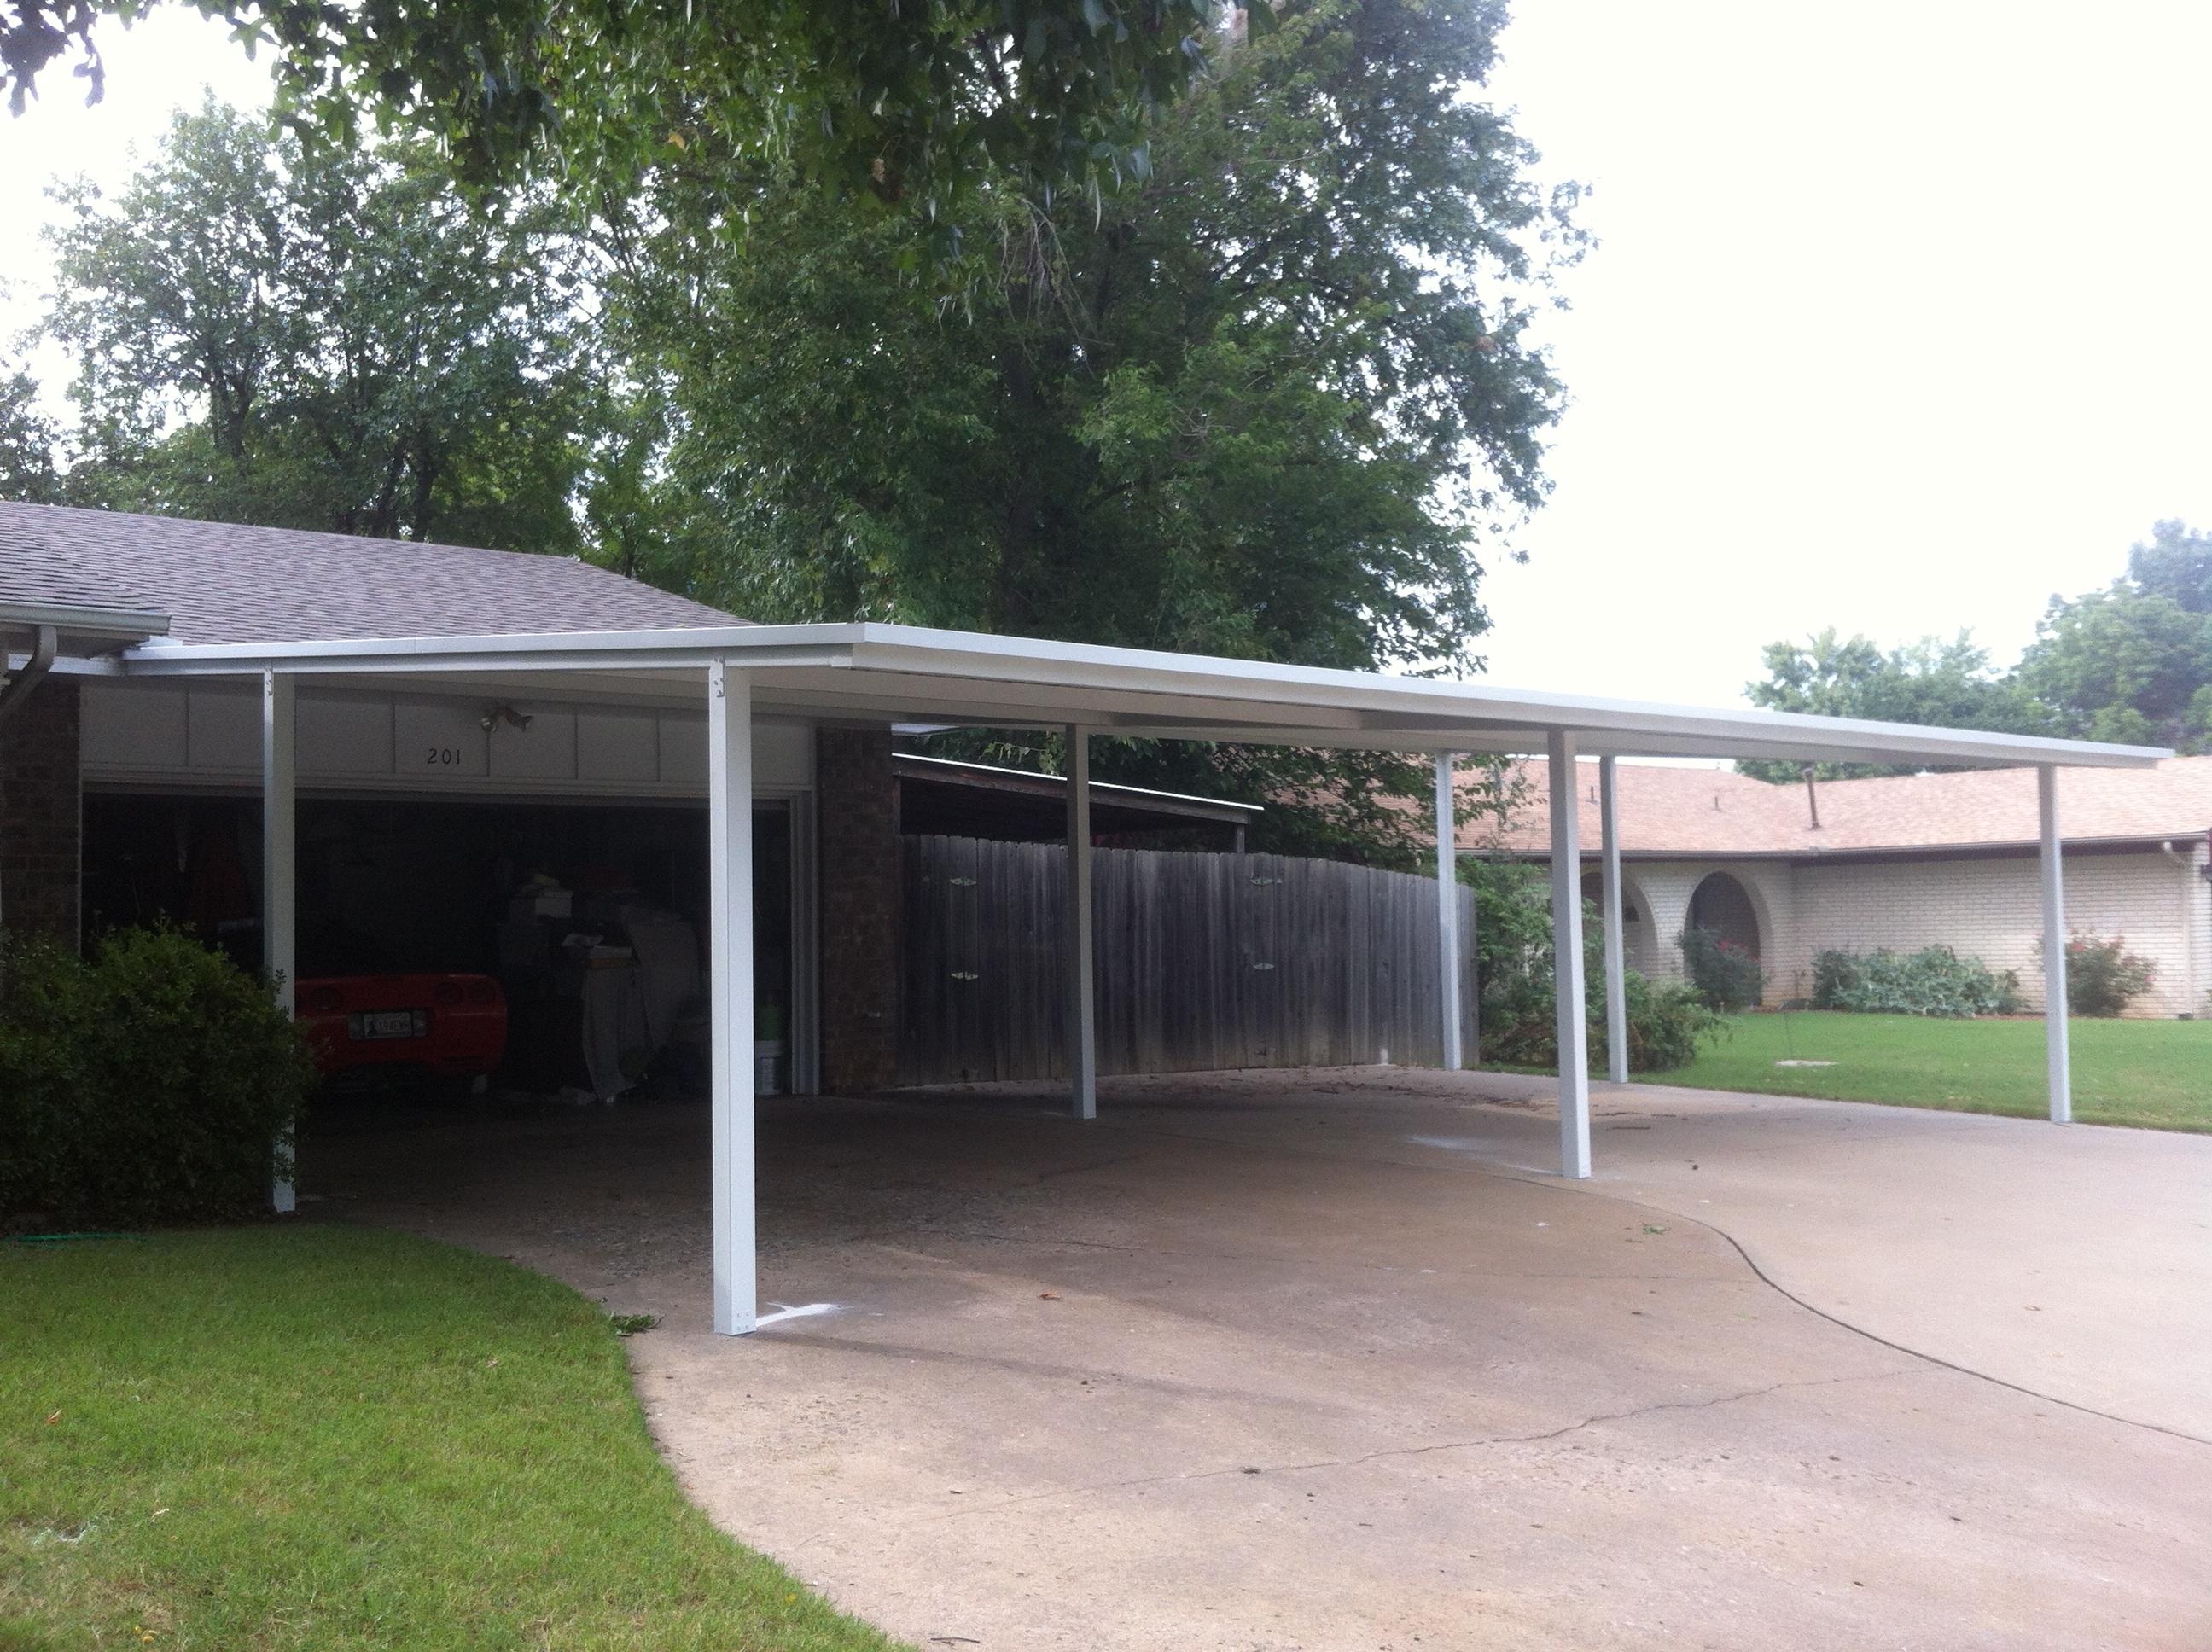 40x40 Metal Carport : Flat carports